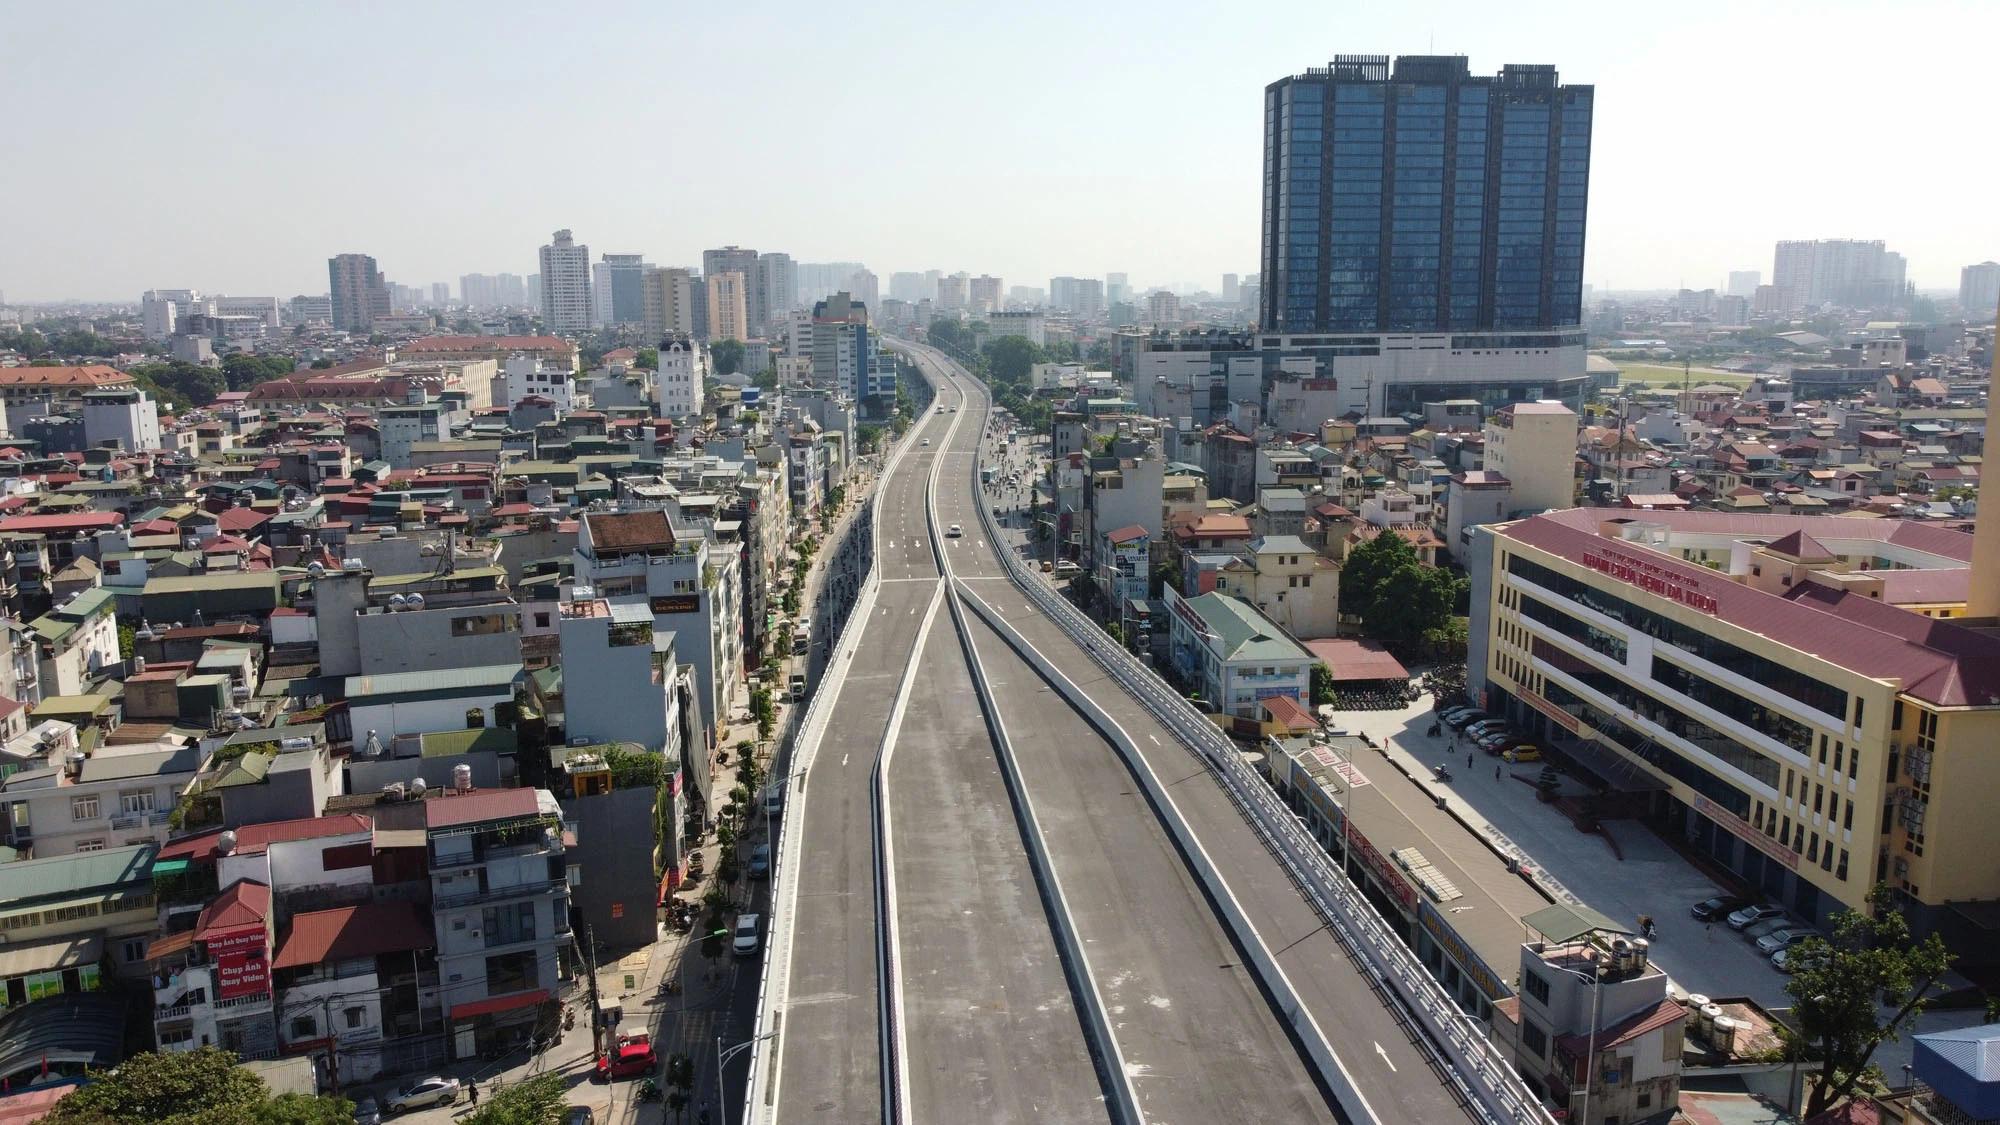 Hà Nội bố trí 200.000 tỷ đầu tư công, làm hàng loạt dự án giao thông trọng điểm giai đoạn 2021 - 2025 - Ảnh 1.